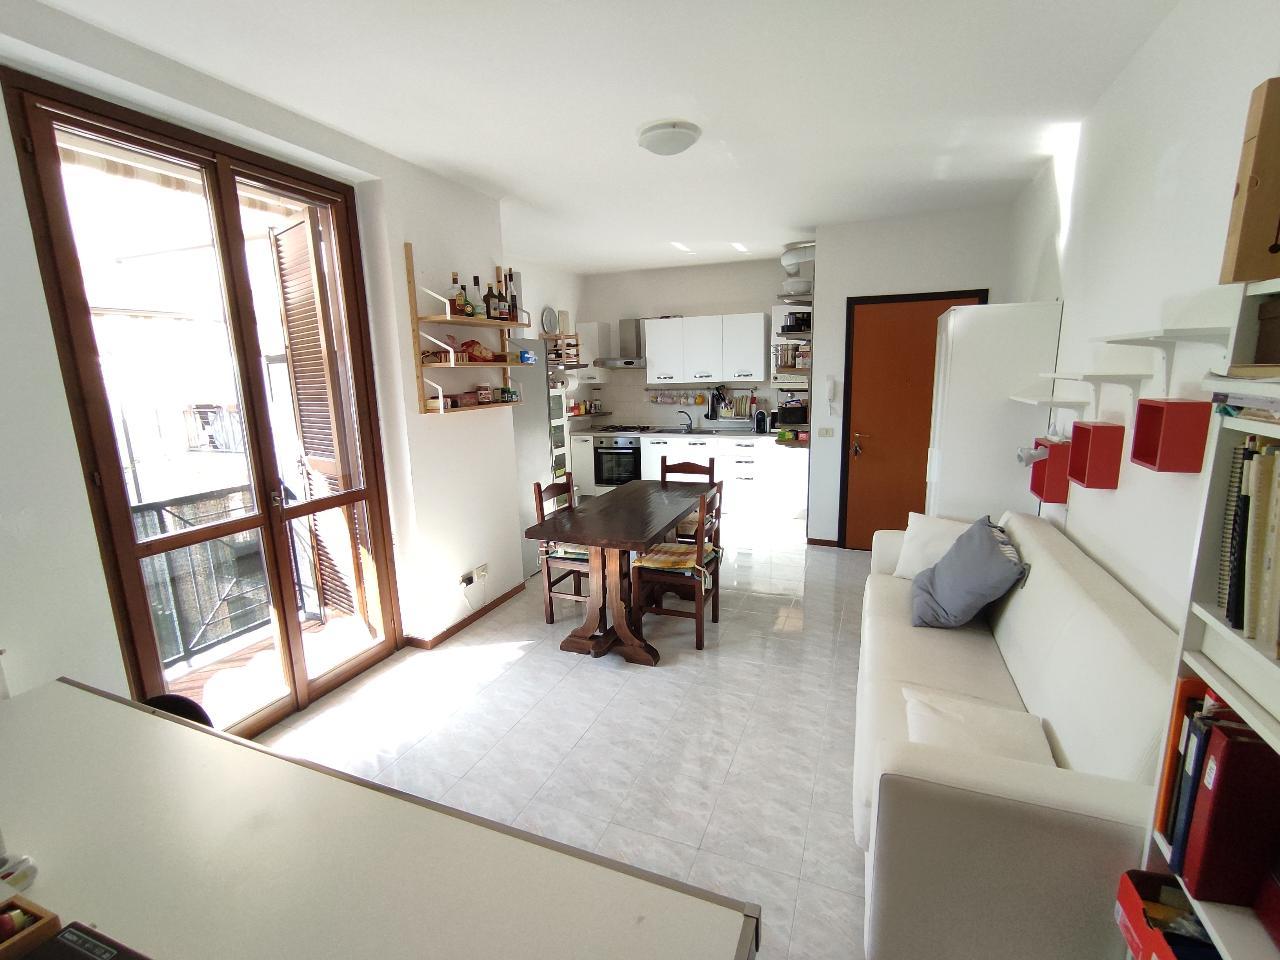 Appartamento VESCOVATO Euro 53.000,00